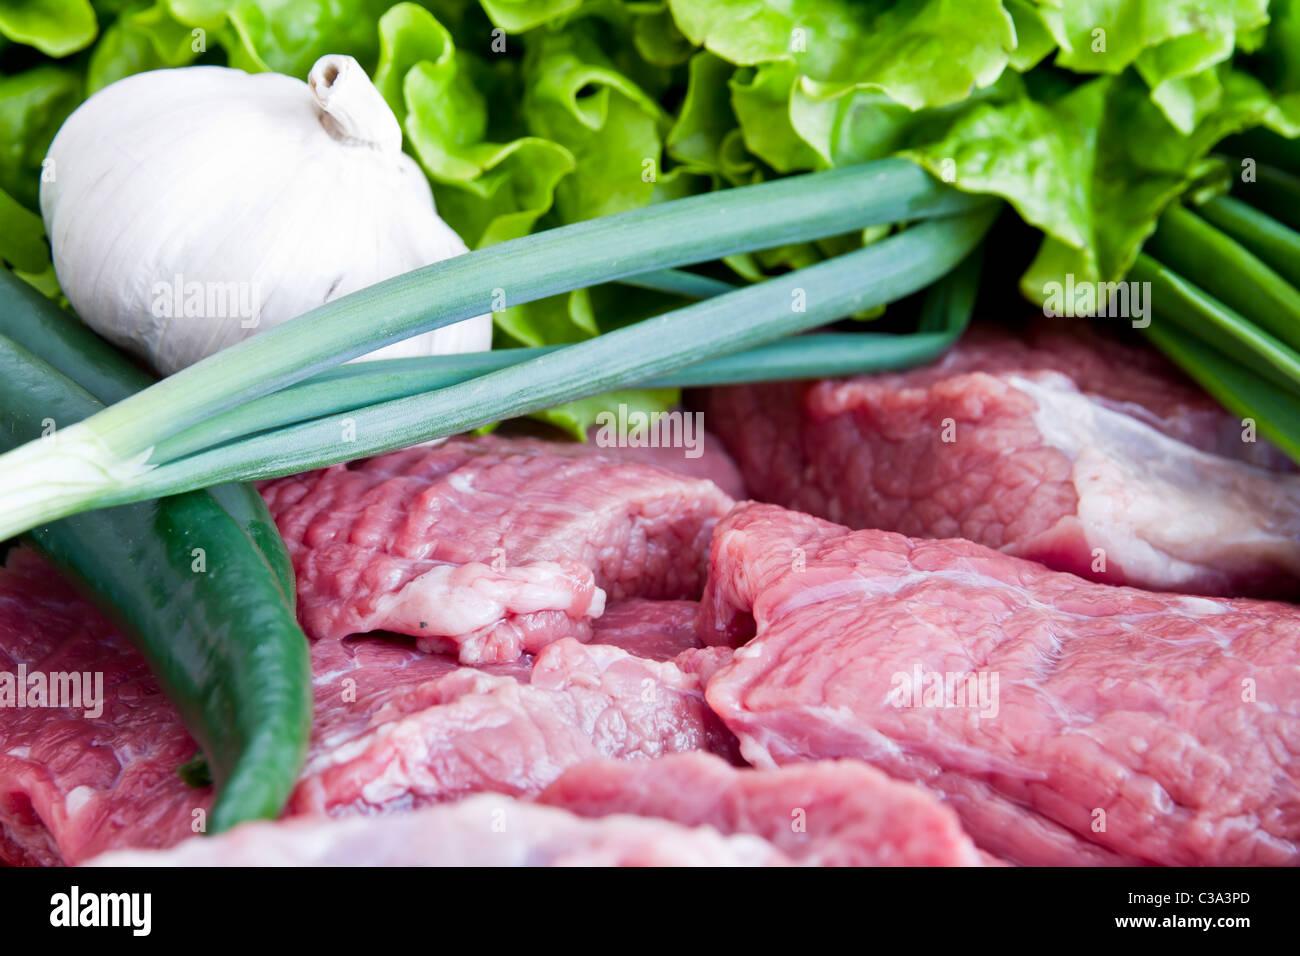 Carni bovine fresche di carne con cipolla verde, pepe, aglio e lattuga Immagini Stock